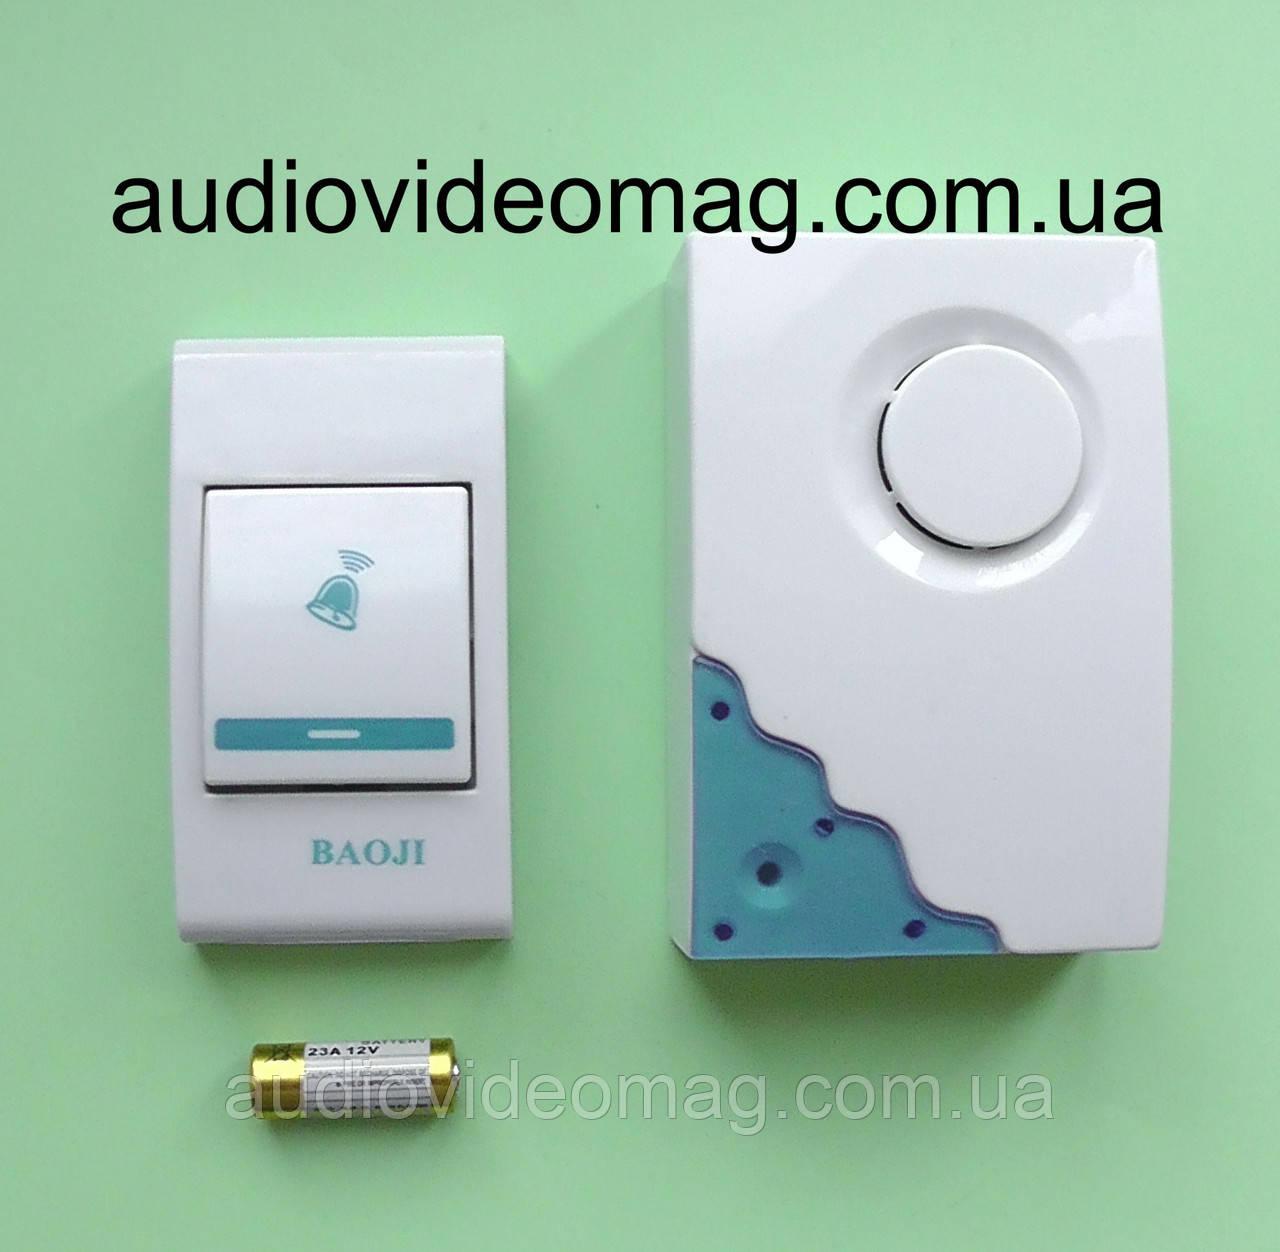 Звонок дверной, беcпроводной, с питанием от батареек, 32 мелодии